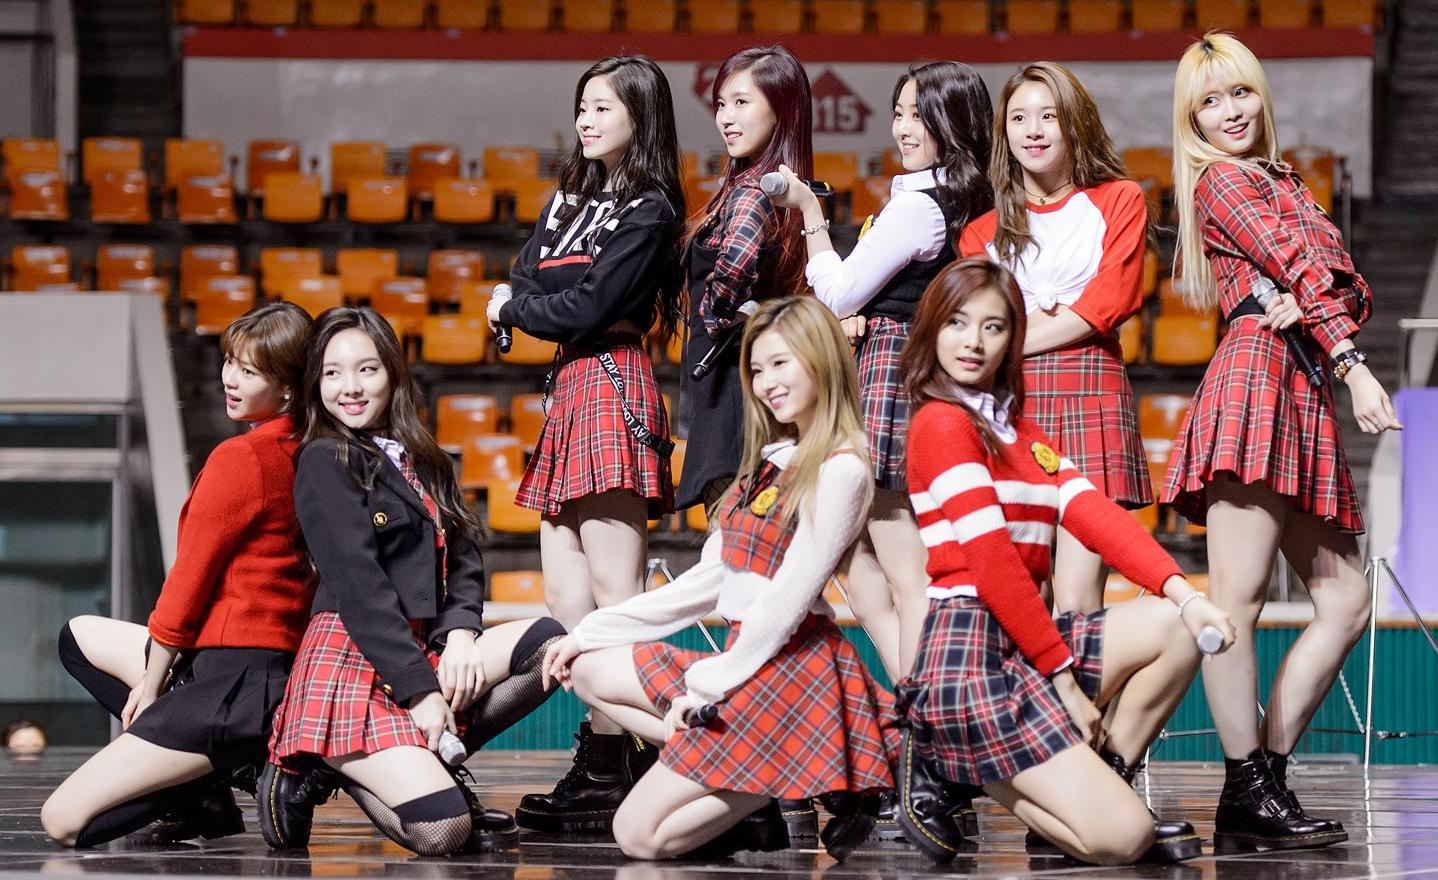 Twice Bersiap Ikut Masuk Daftar Grup yang Comeback Jelang Akhir Tahun?